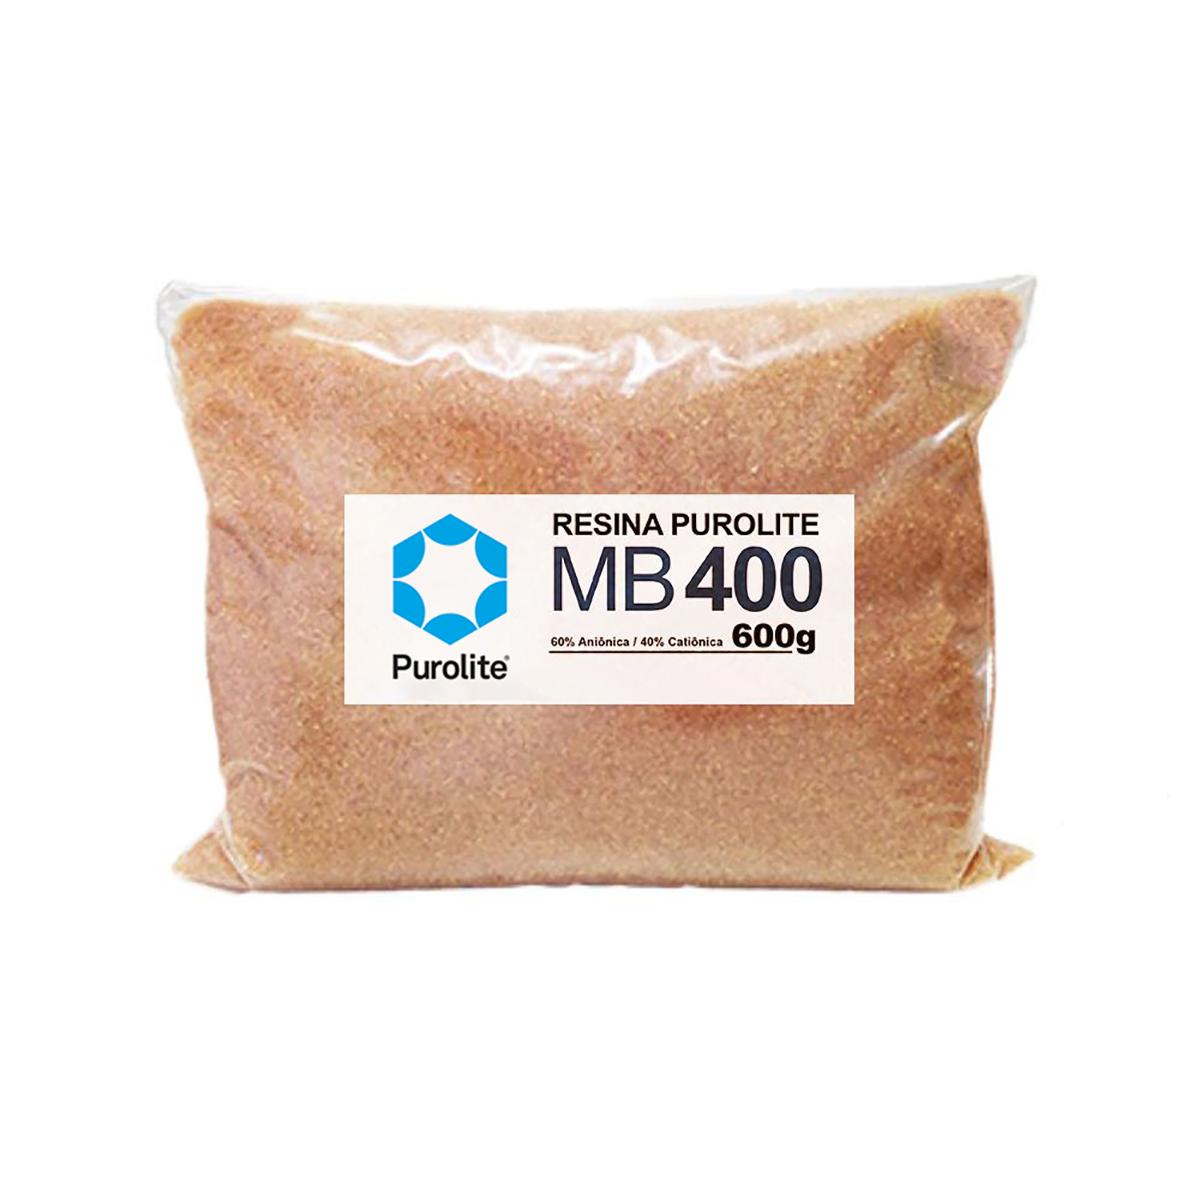 Resina Mista Purolite Mb400 Para Deionizador 600g